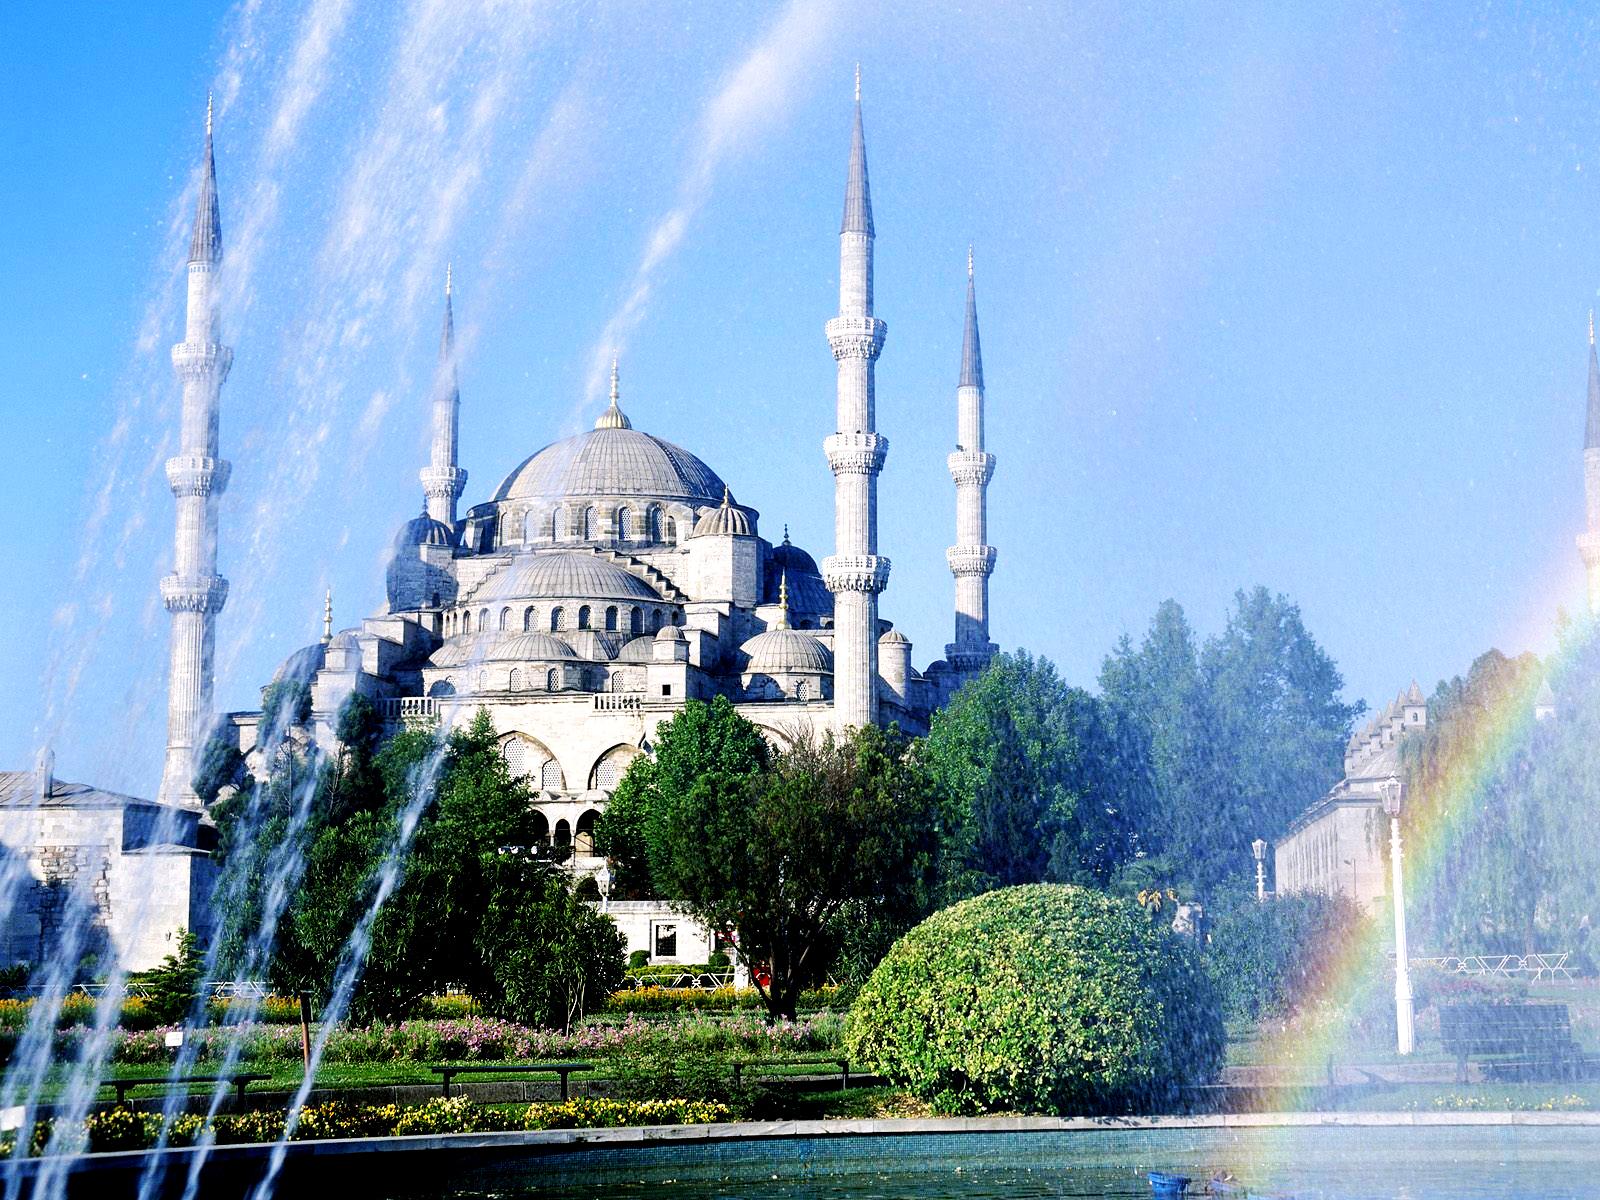 http://2.bp.blogspot.com/-QQv_d5vg2uo/TwOOLieN0jI/AAAAAAAAANk/rlbu23d2a8U/s1600/Blue_Mosque_Turkey_Istanbul_HD_Wallpaper-Vvallpaper.Net.jpg